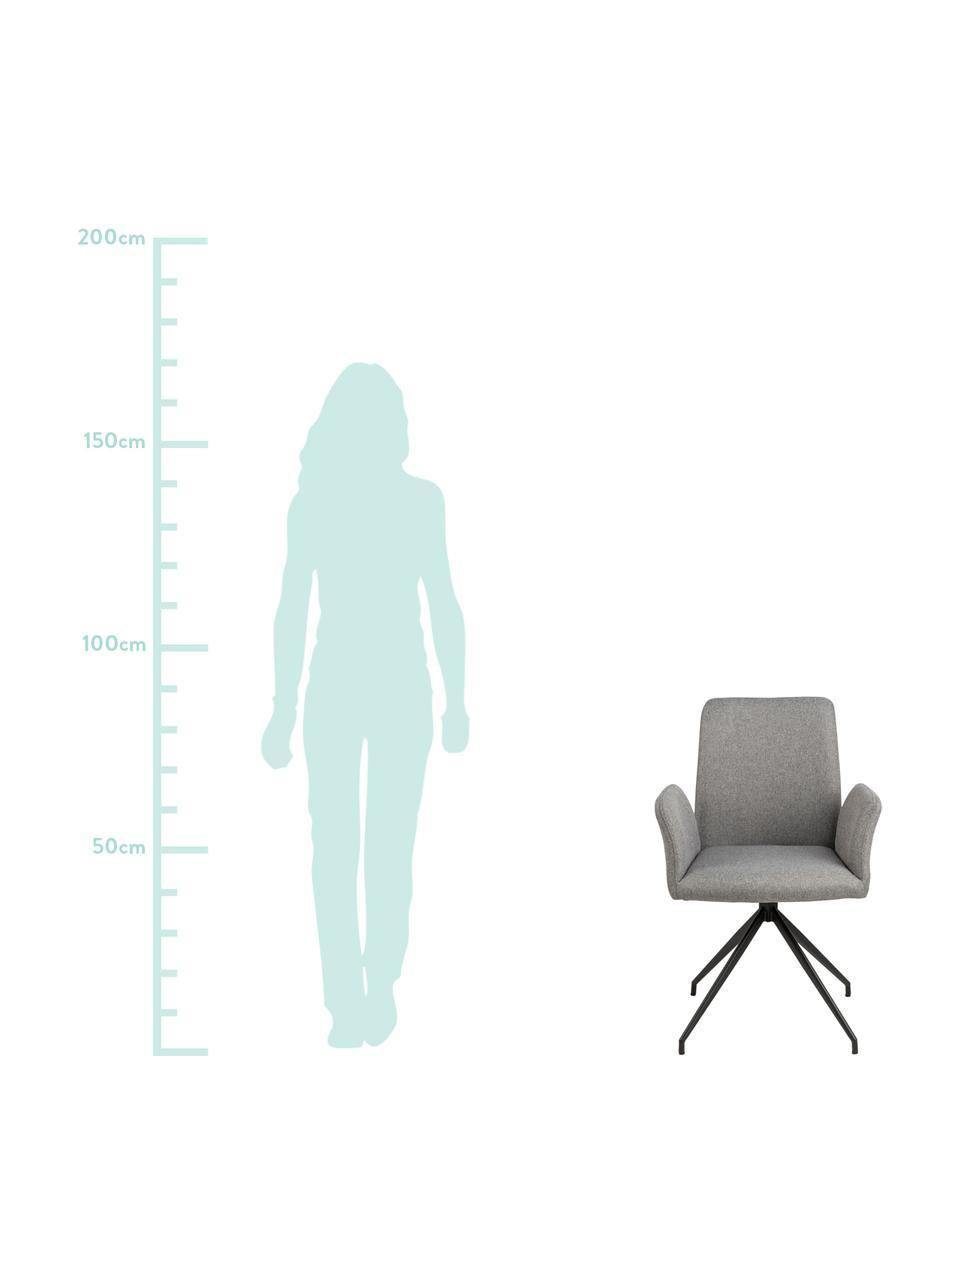 Krzesło tapicerowane, obrotowe Naya, Tapicerka: poliester Dzięki tkaninie, Stelaż: metal malowany proszkowo, Jasny szary, S 59 x G 59 cm